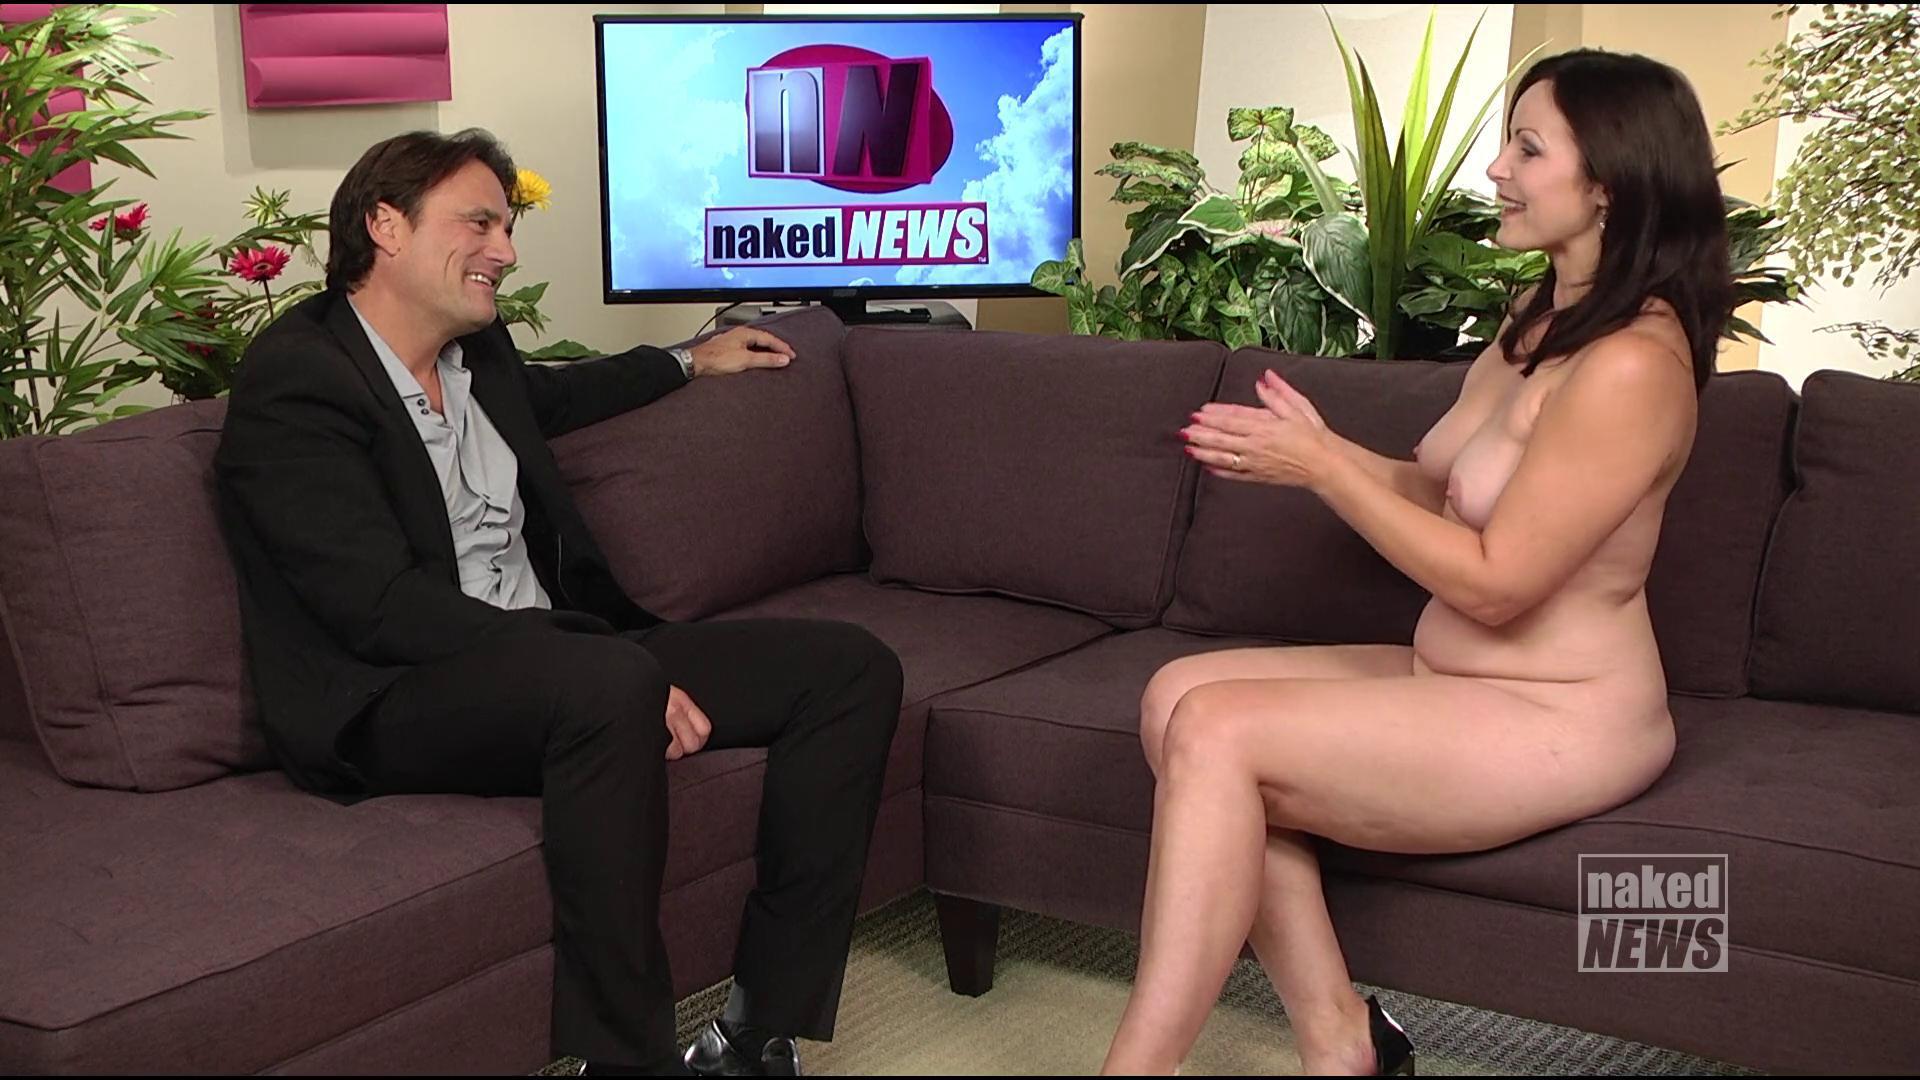 【悲報】海外の女子アナさん、全裸報道で視聴率を稼ぐwwwwwwwwwwww(画像あり)・17枚目